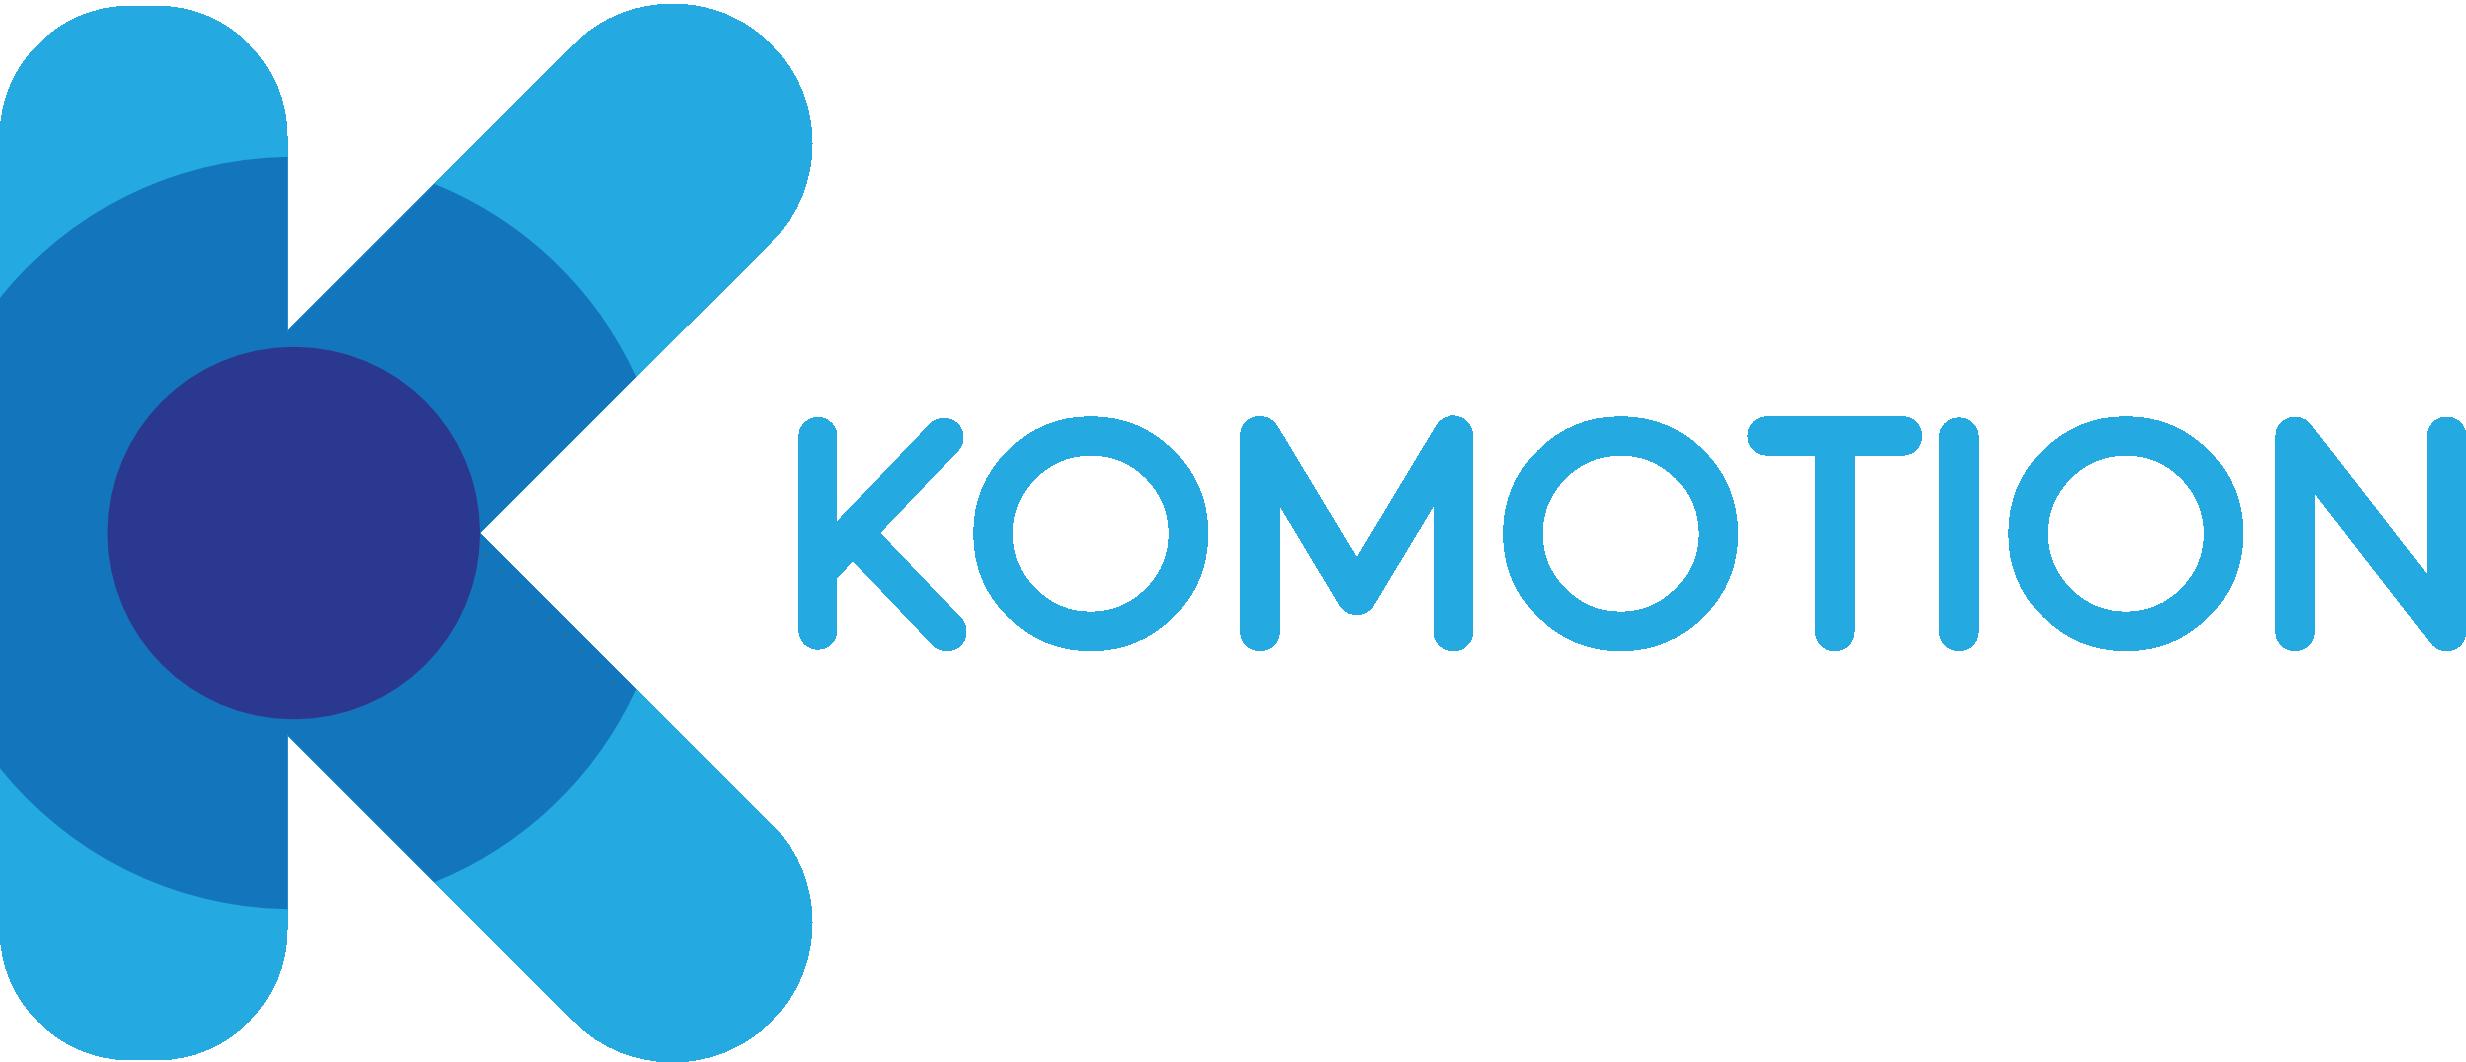 Komotion logo